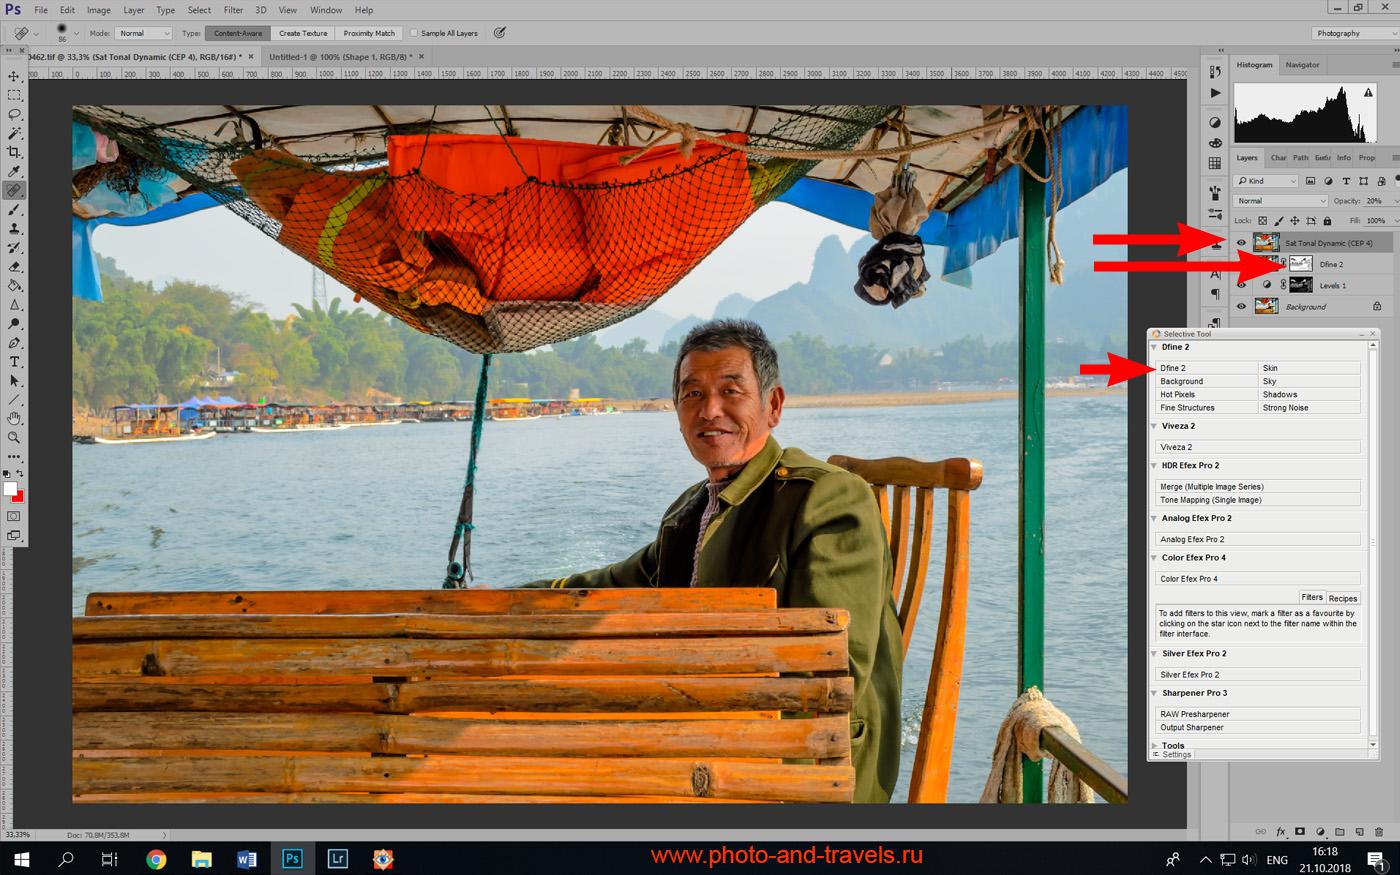 Фотография 18. Использование фильтра-шумодава «Dfine 2» для обработки фото. Уроки для новичков.